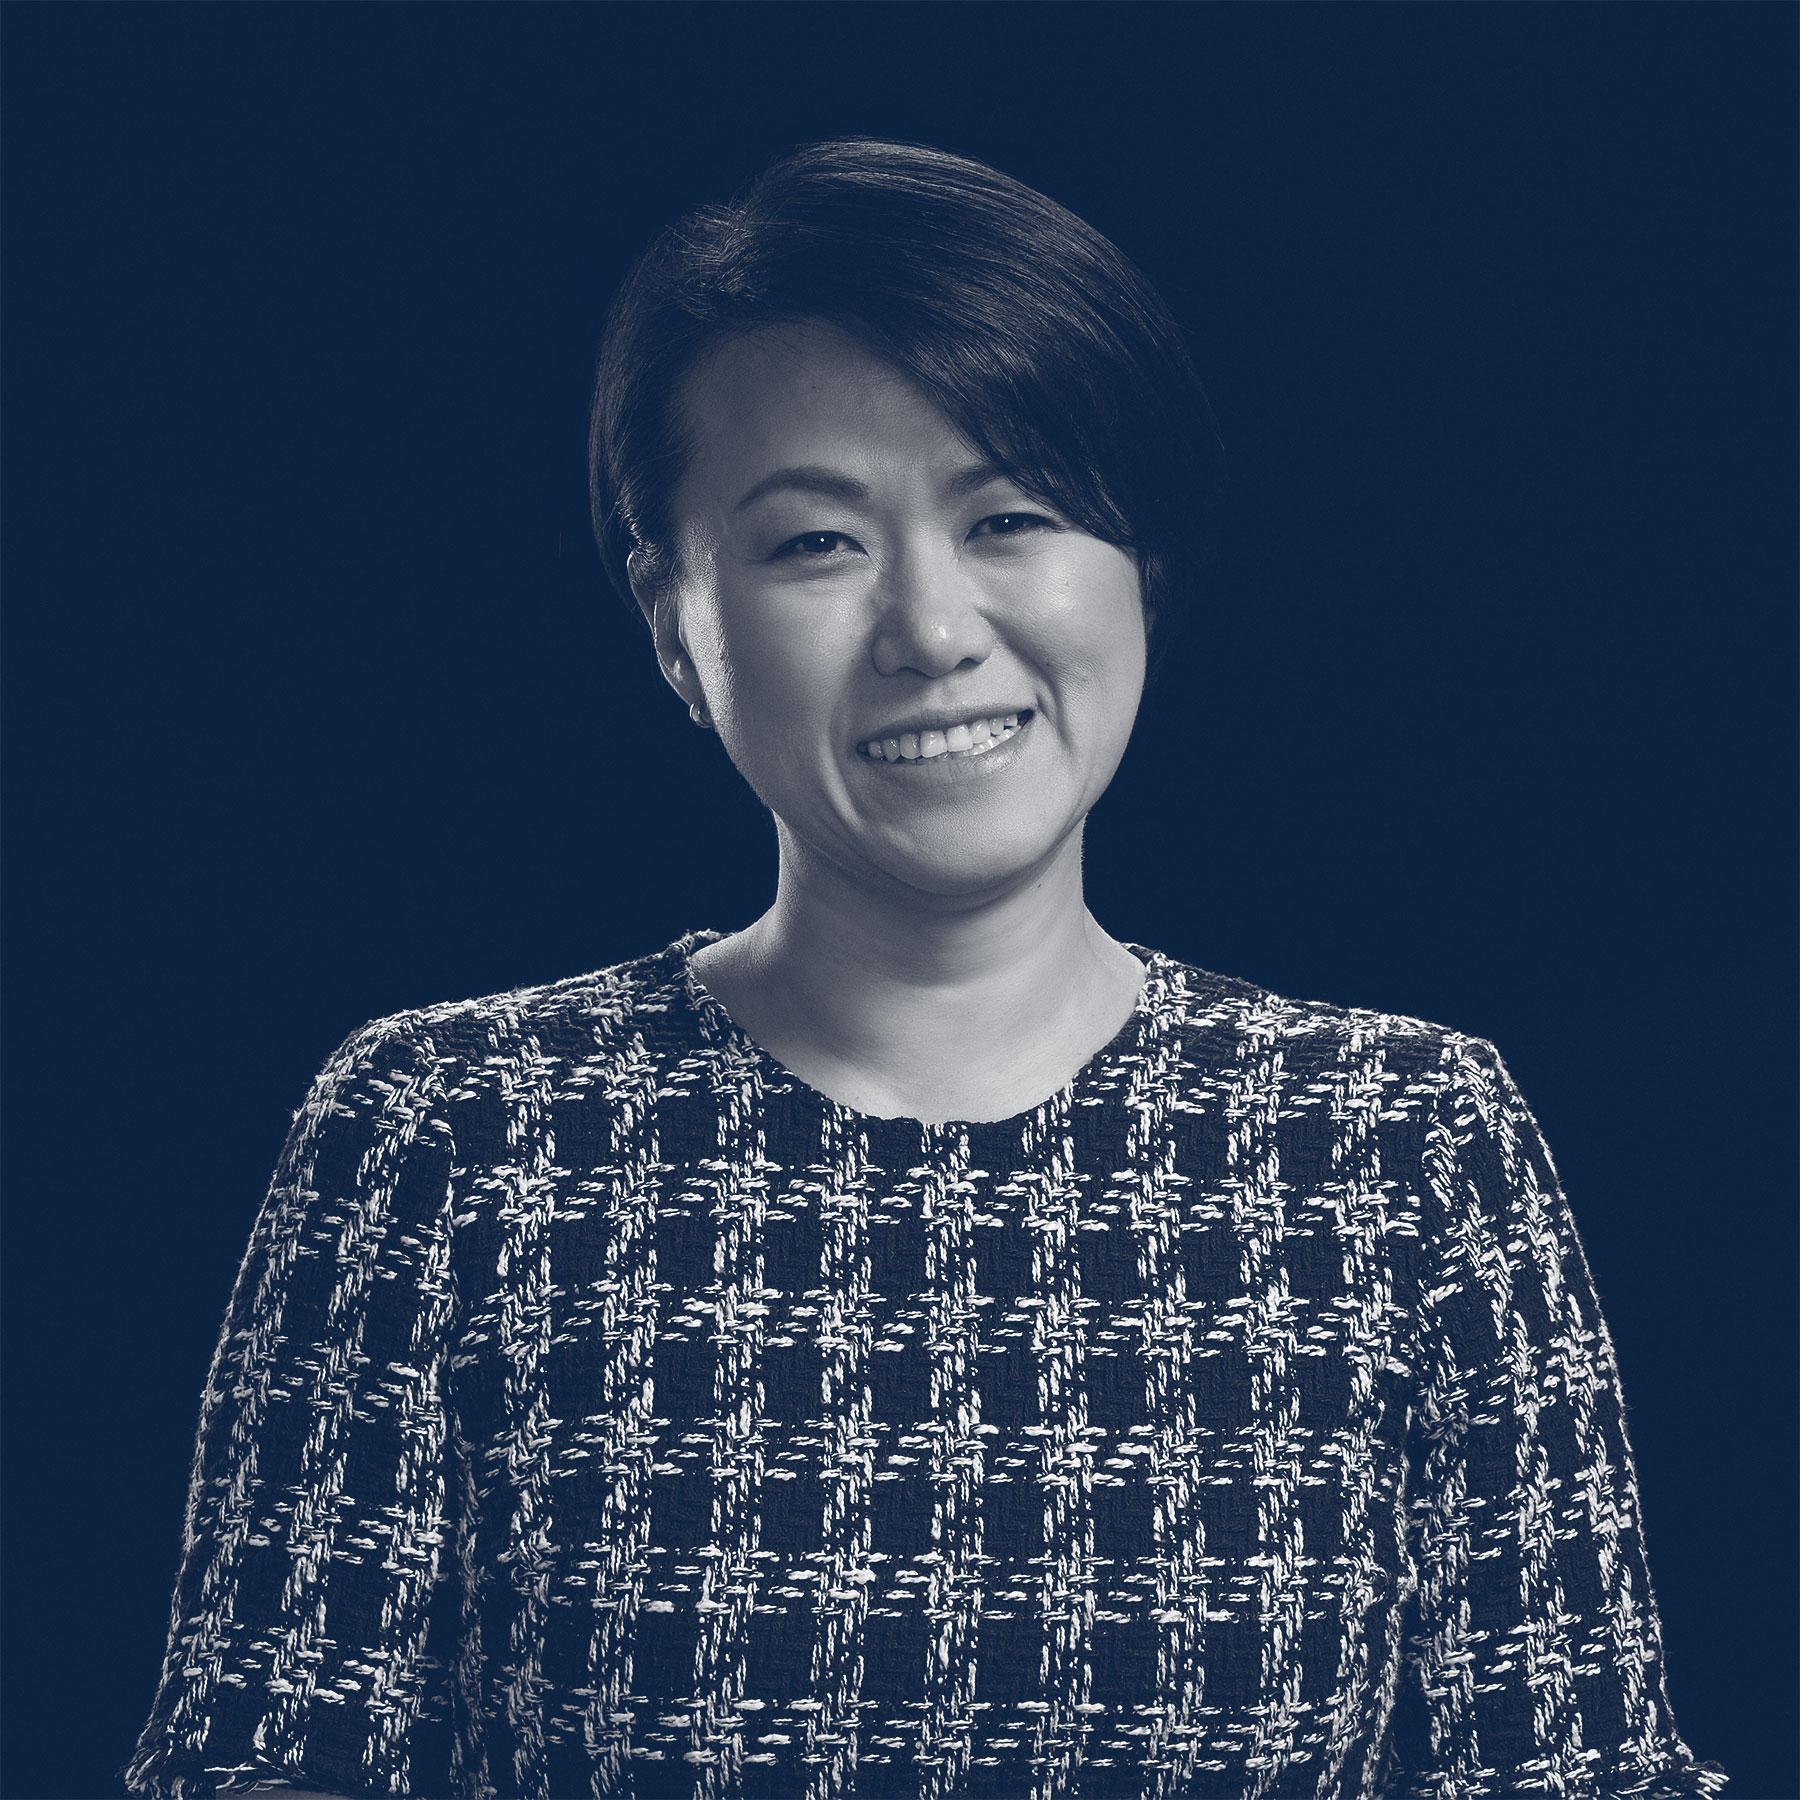 Kathy Ying